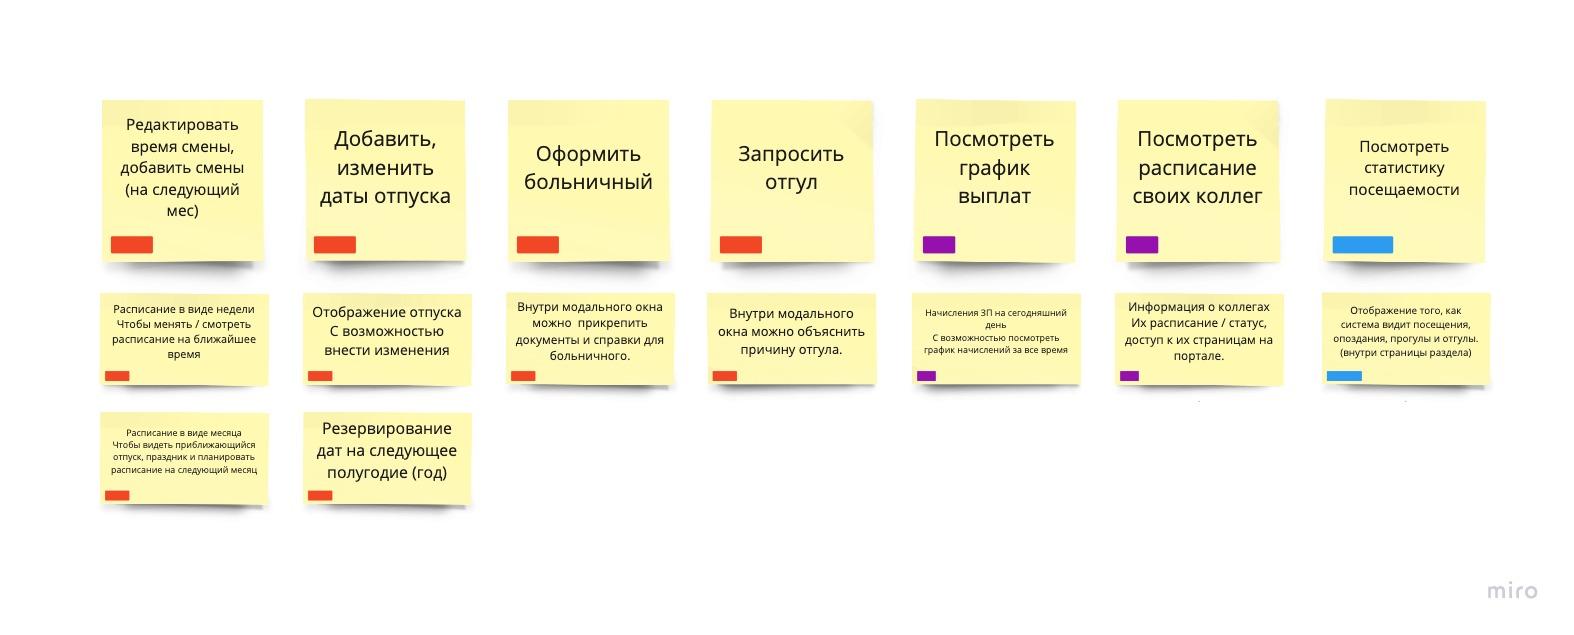 Красный — Необходимый функционал, фиолетовый — полезный, голубой — было бы полезно иметь